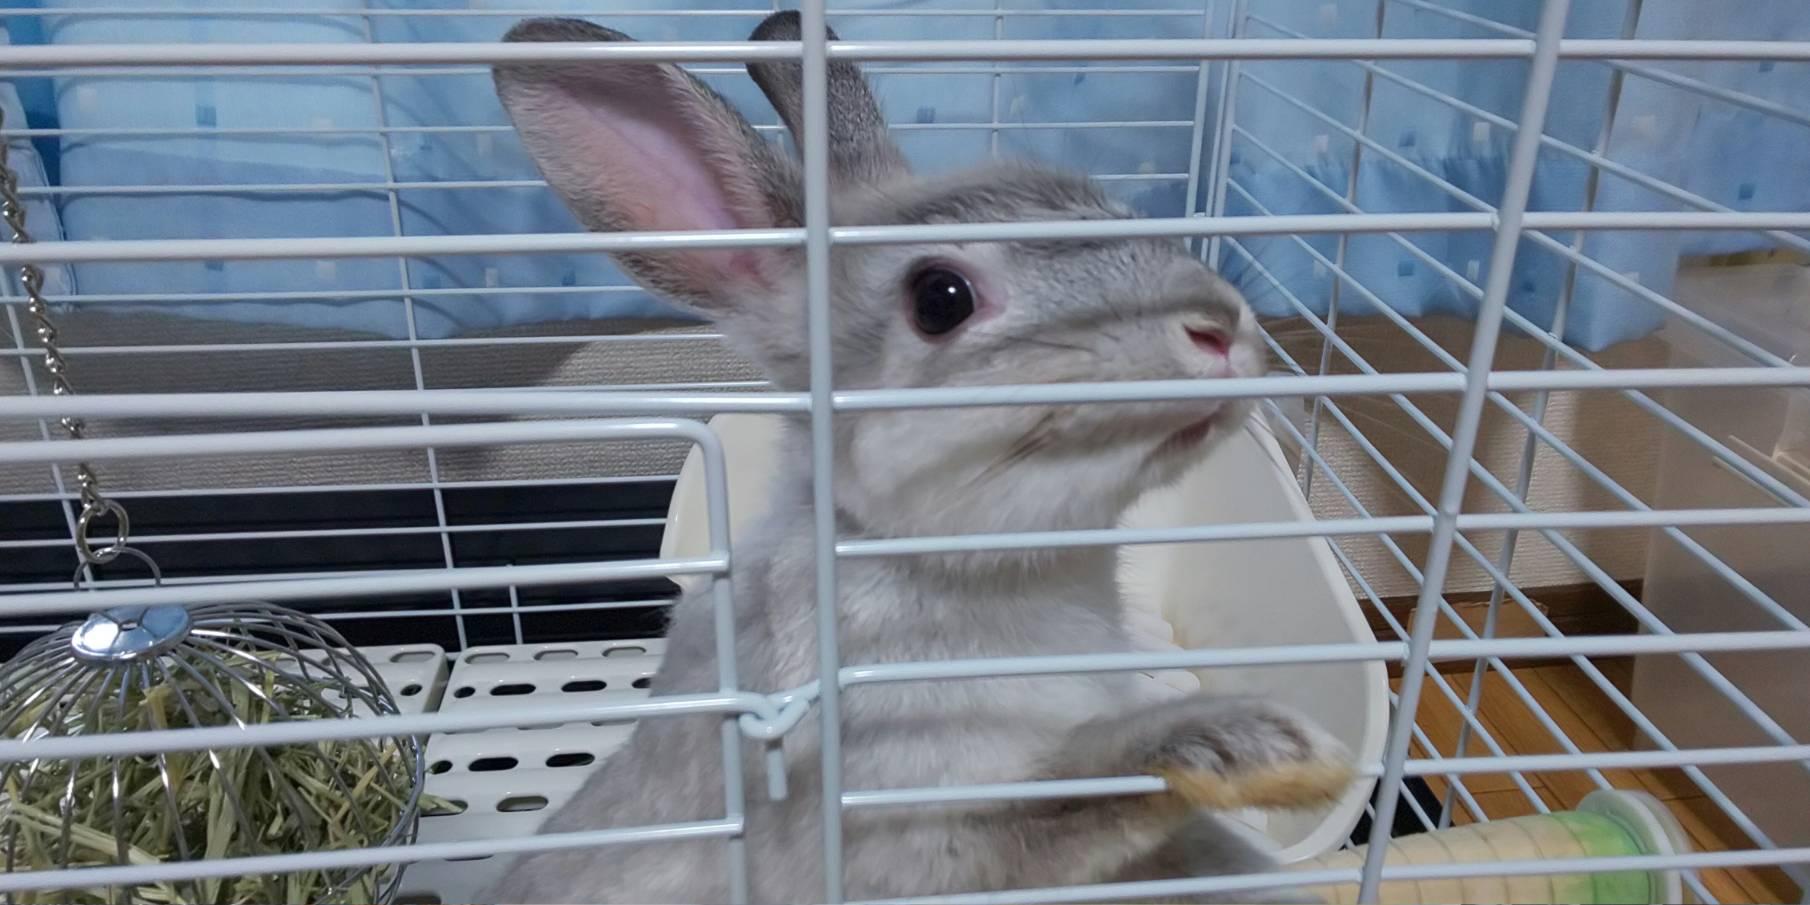 【ミニウサギ】絶賛筋トレうさぎが鍛えています。